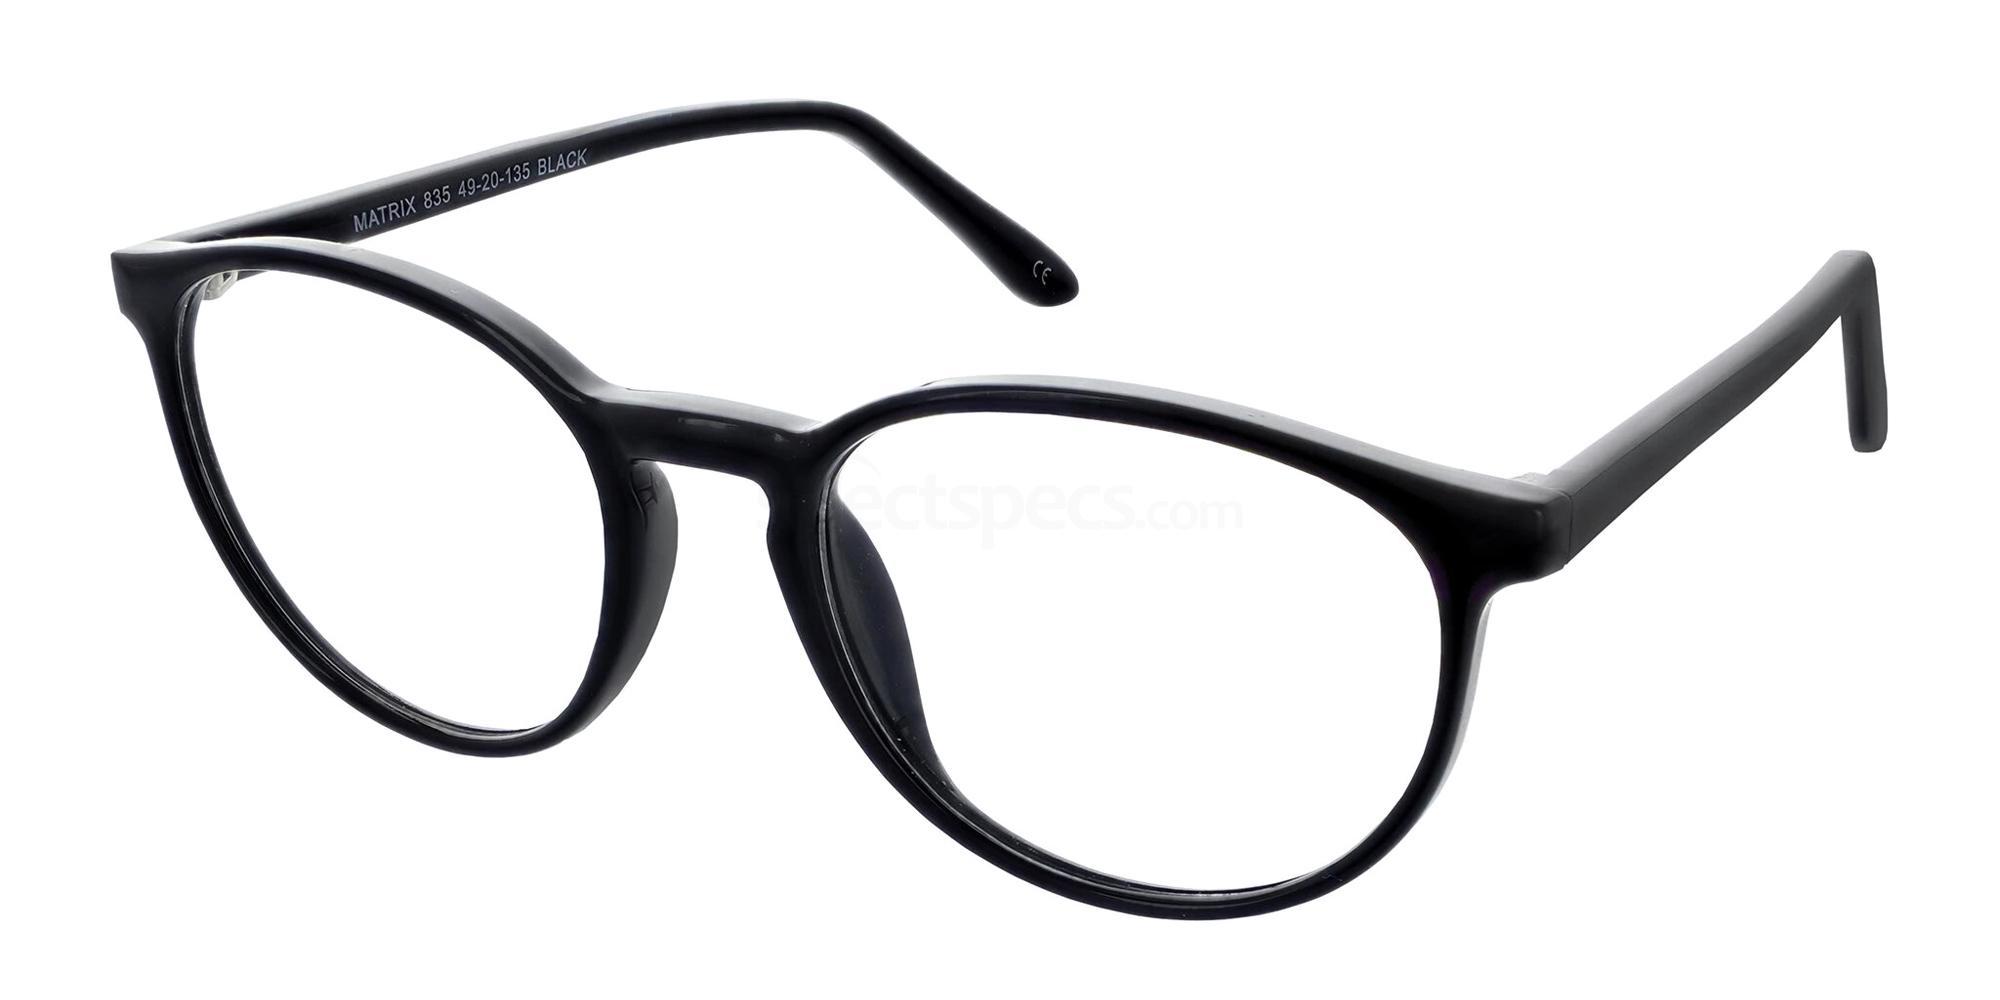 Black 835 Glasses, Matrix